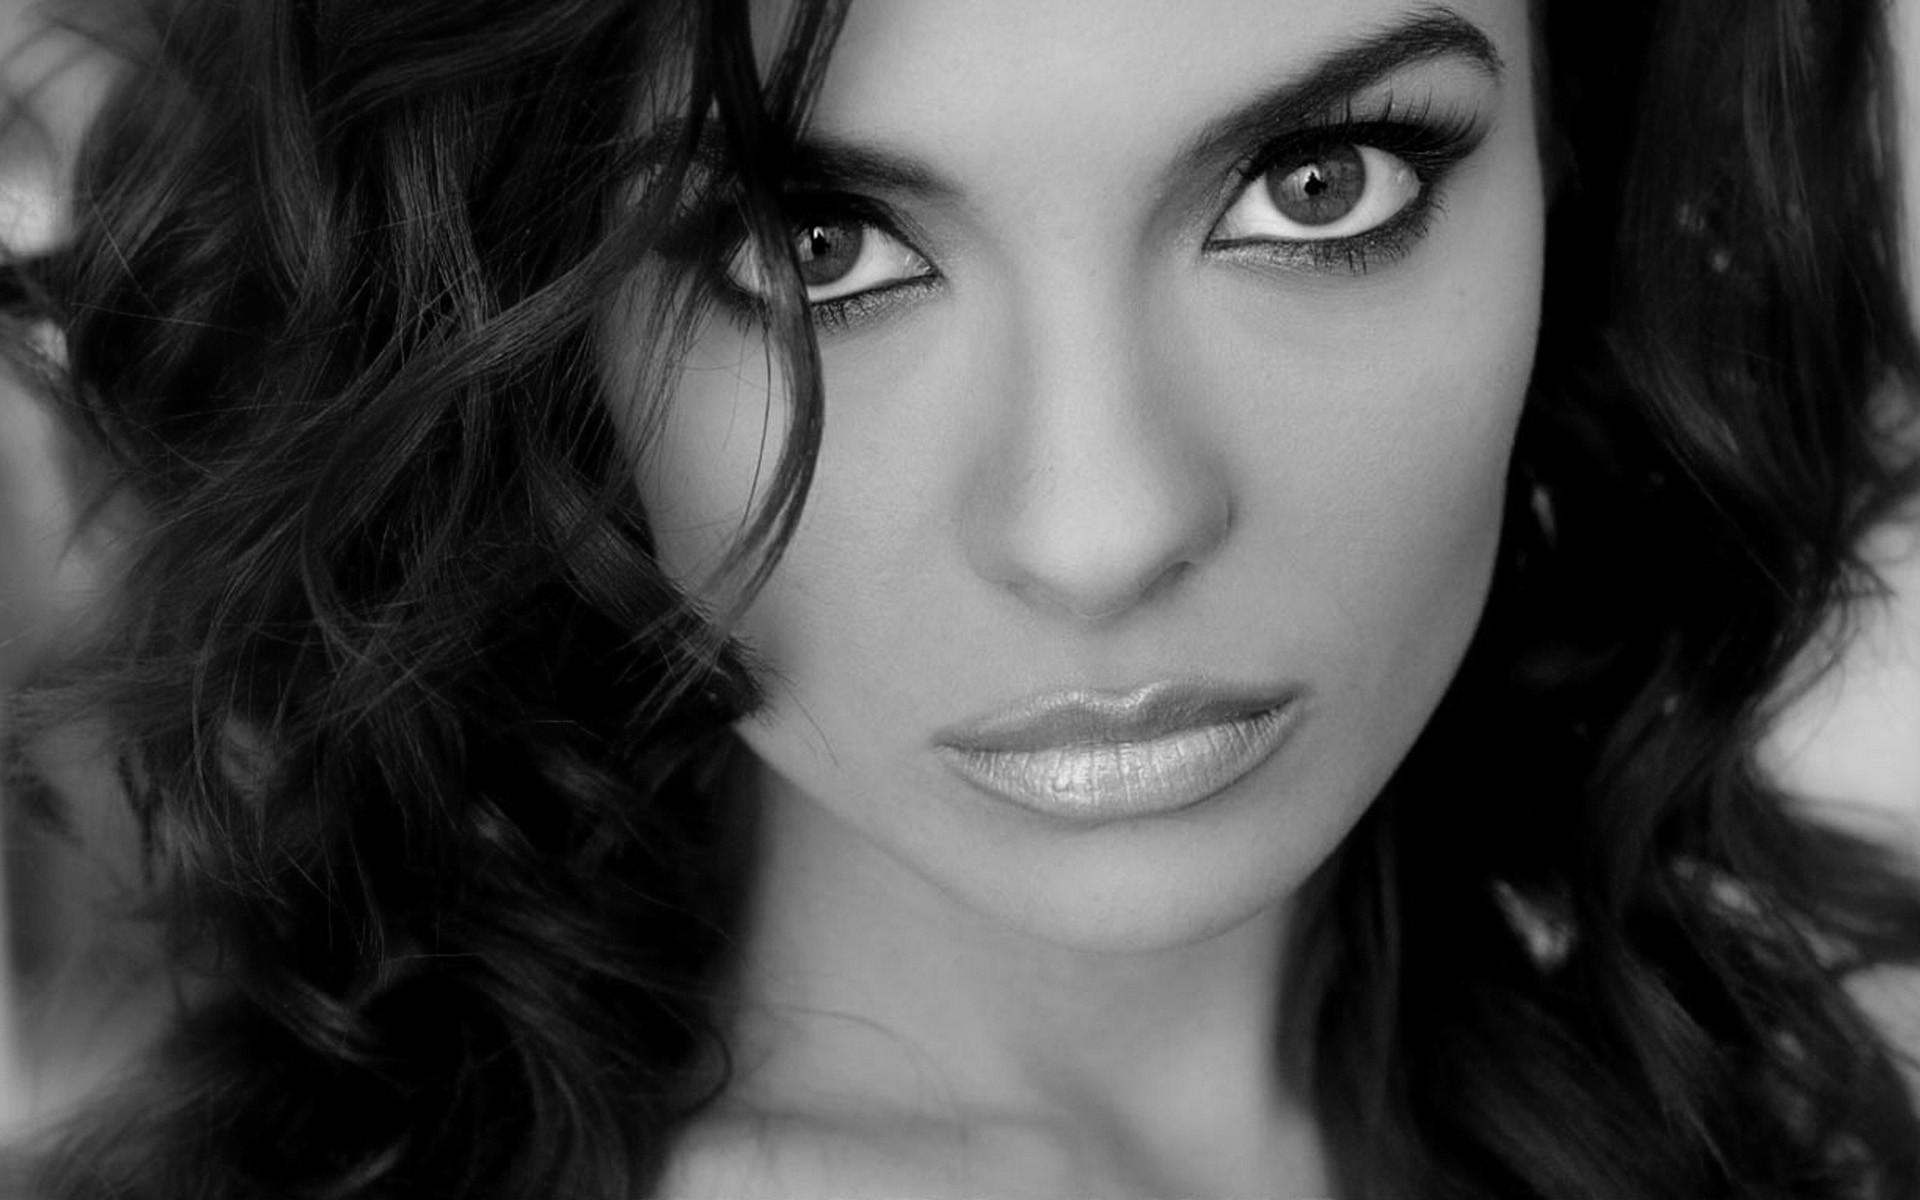 Самая красивая девушка картинки вся черная